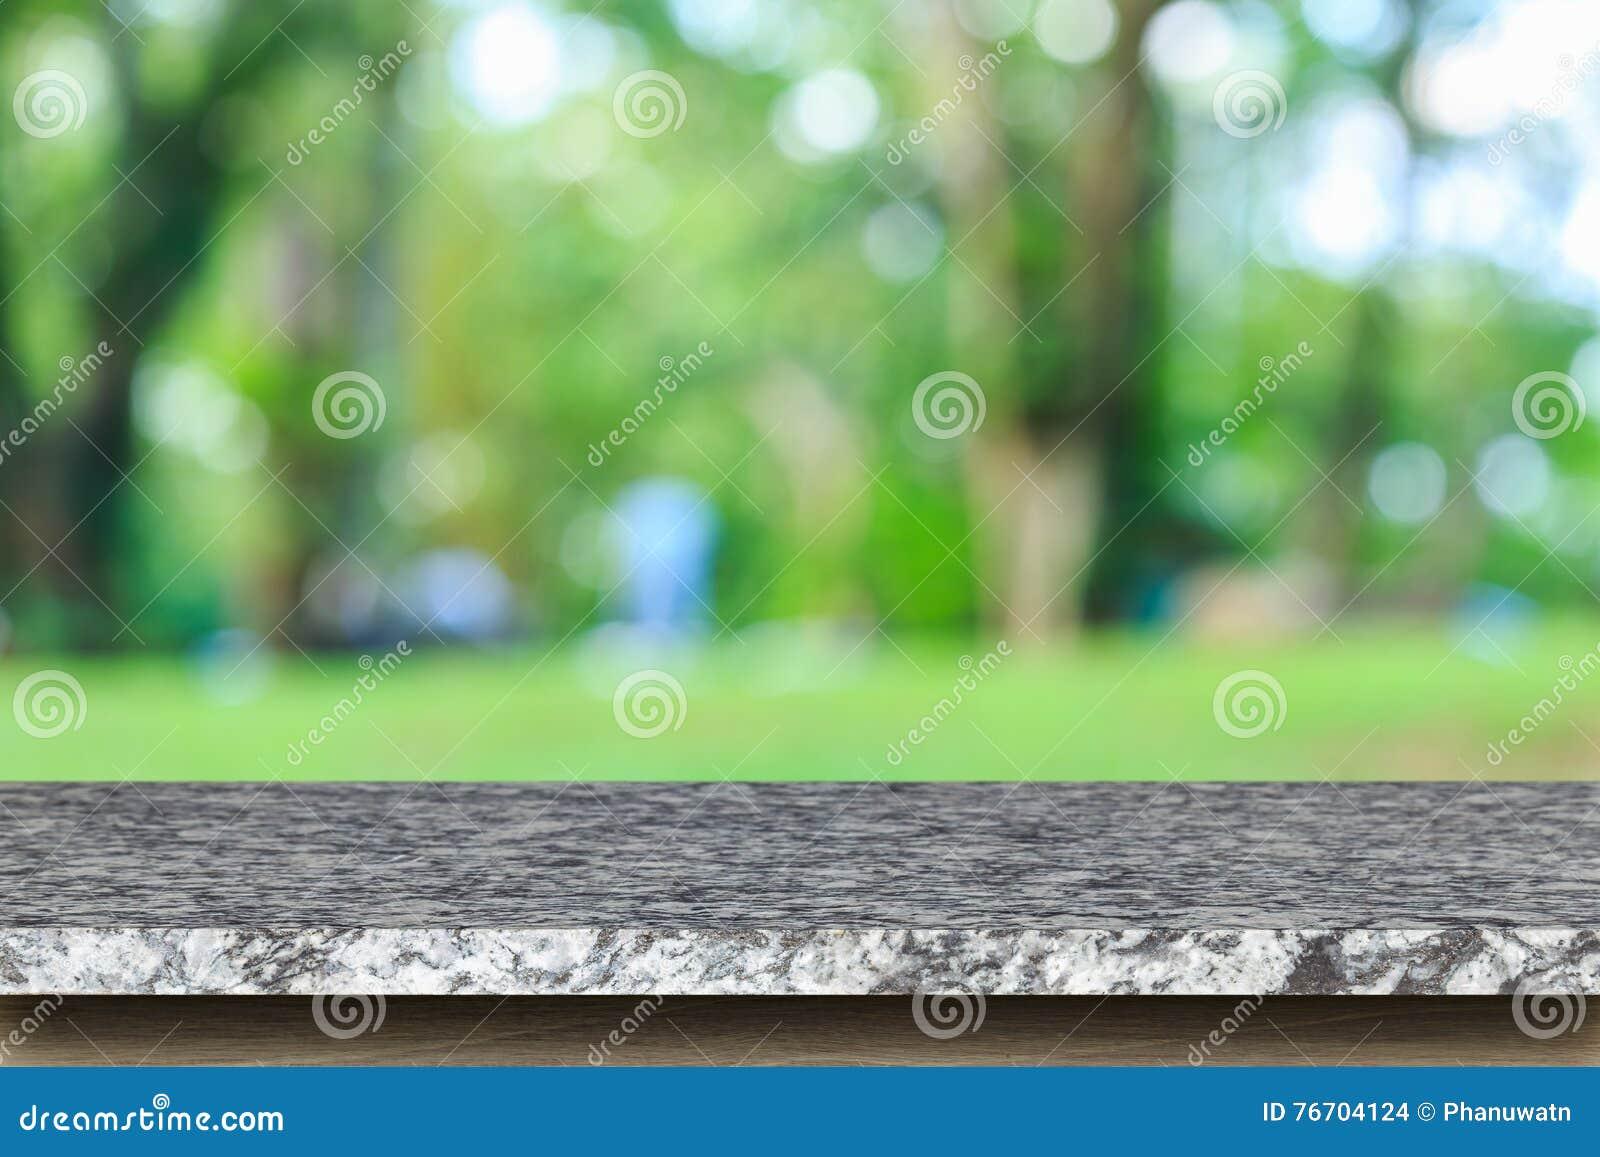 Vacie el top de la tabla de piedra natural y resúmalo empañado con el bokeh